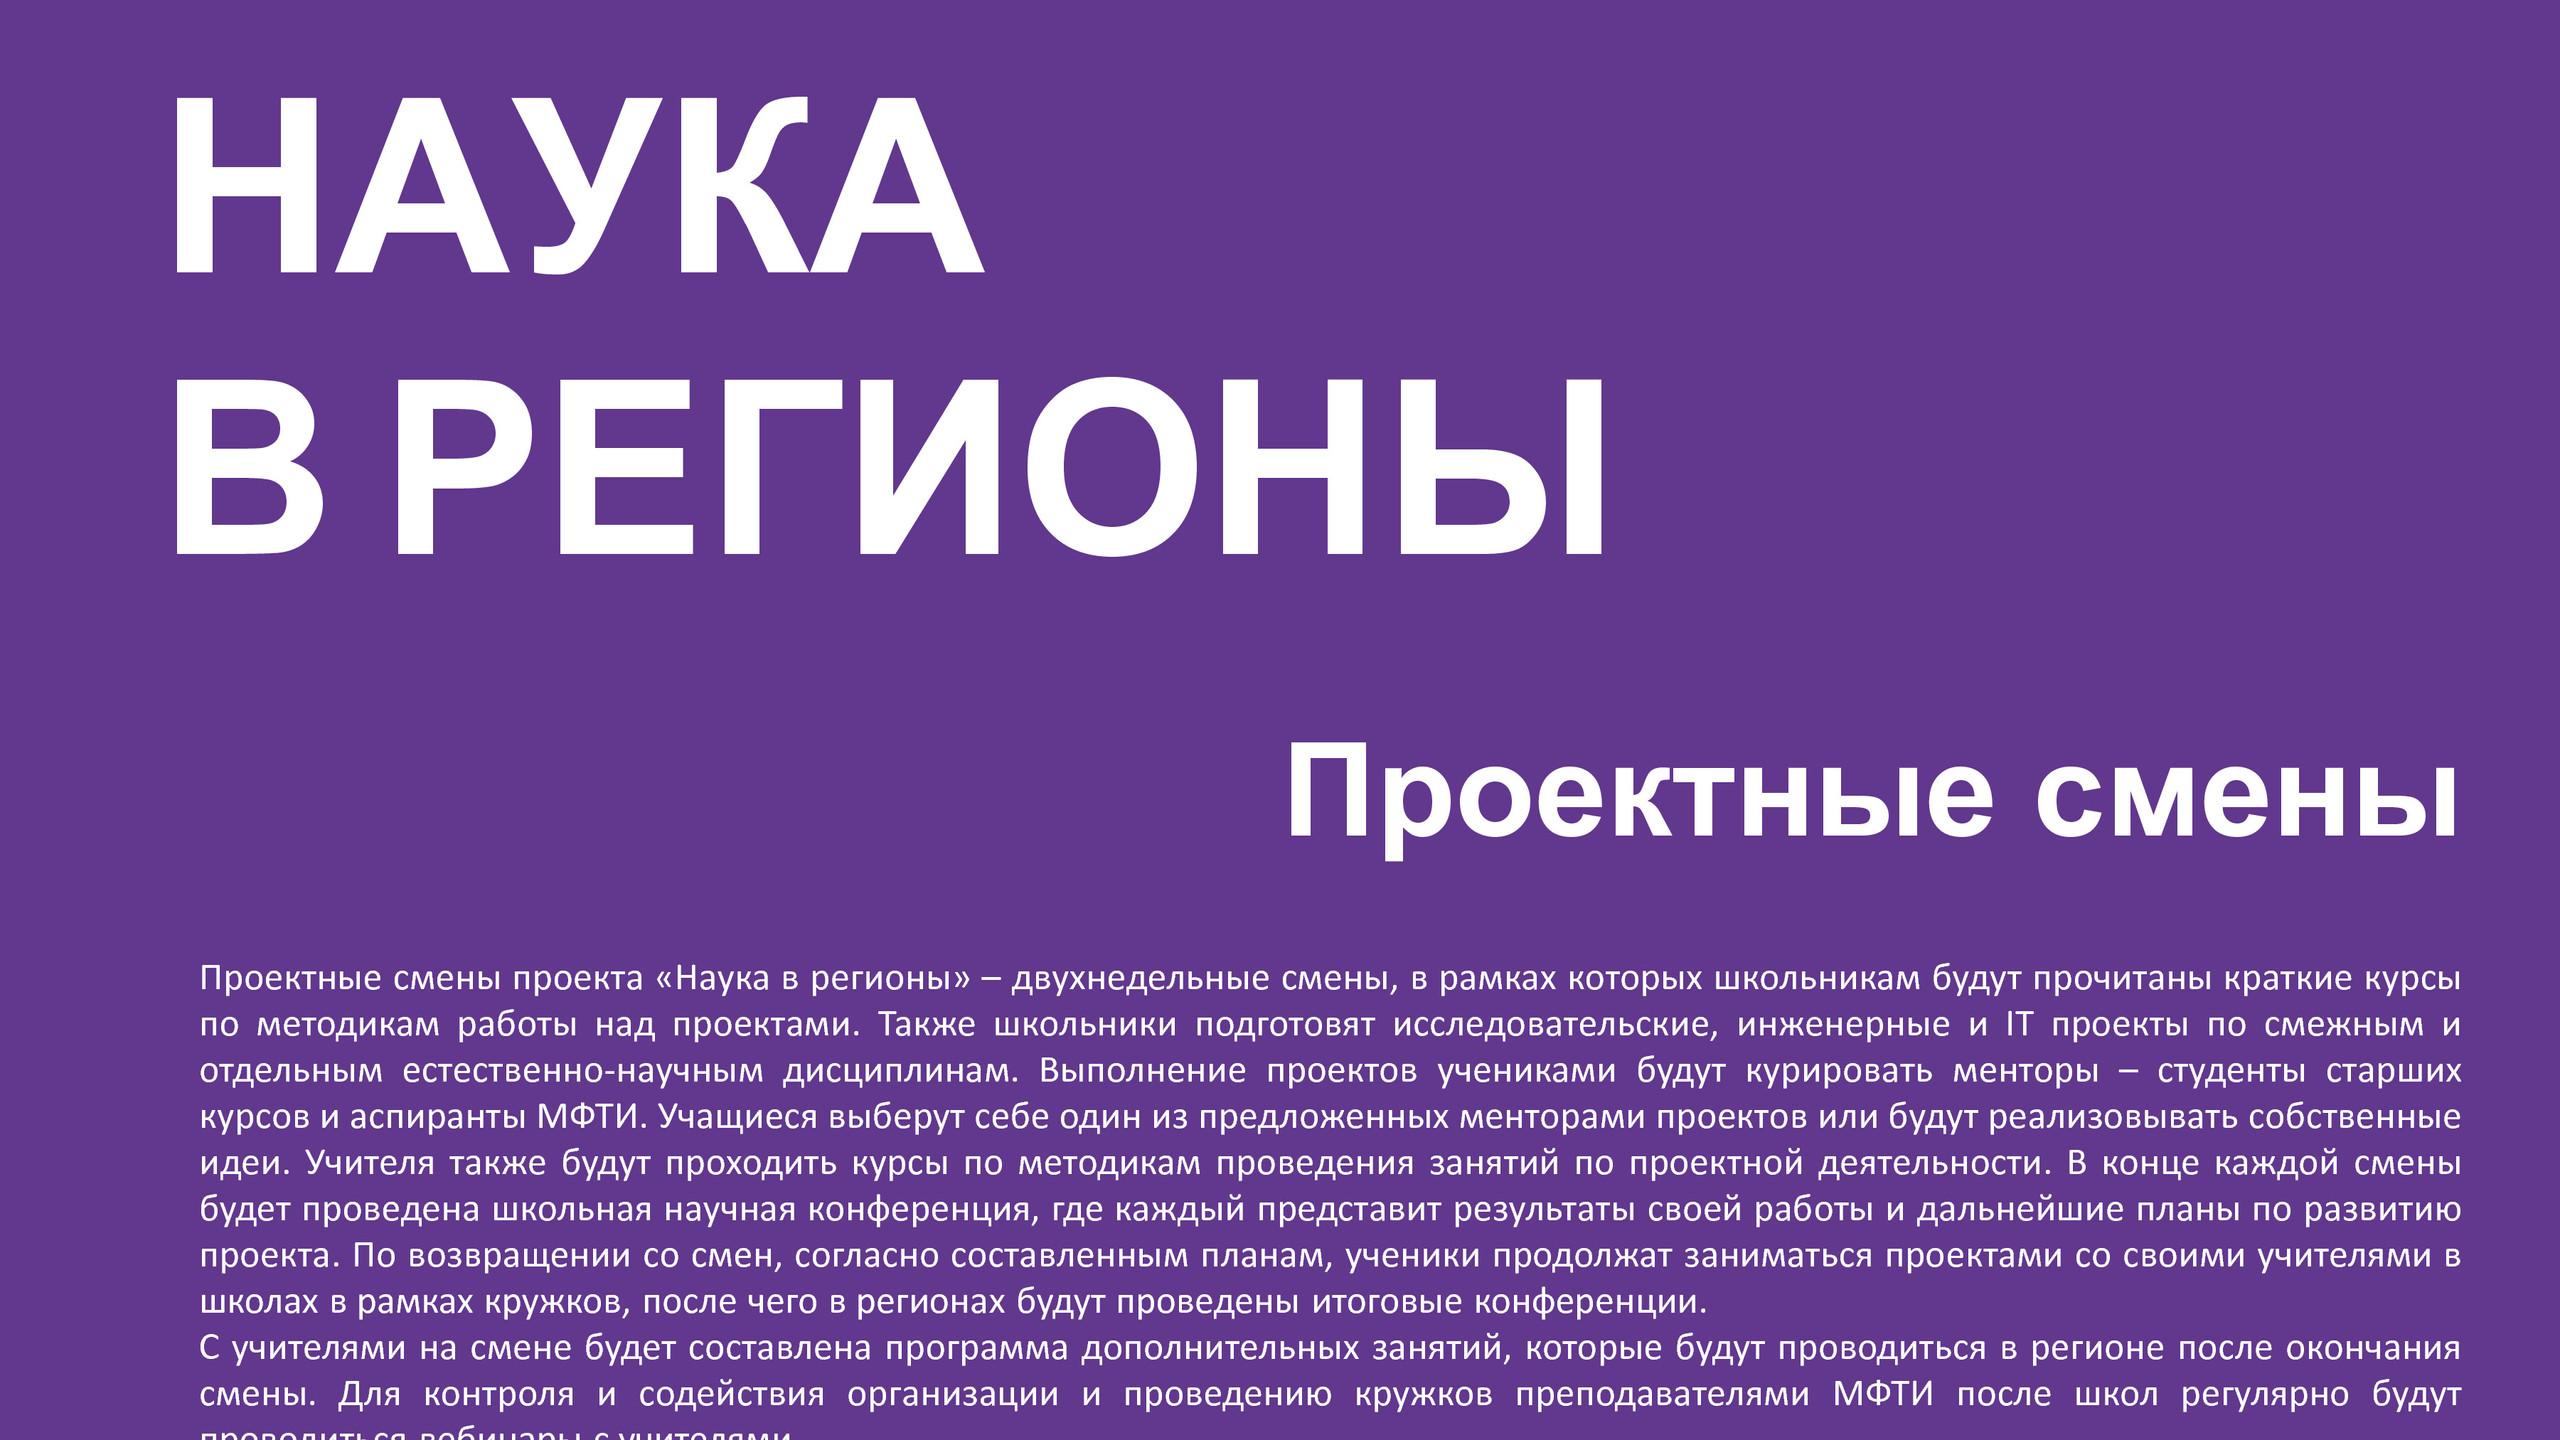 Proektnye_smeny_NR (pdf.io) (pdf.io)